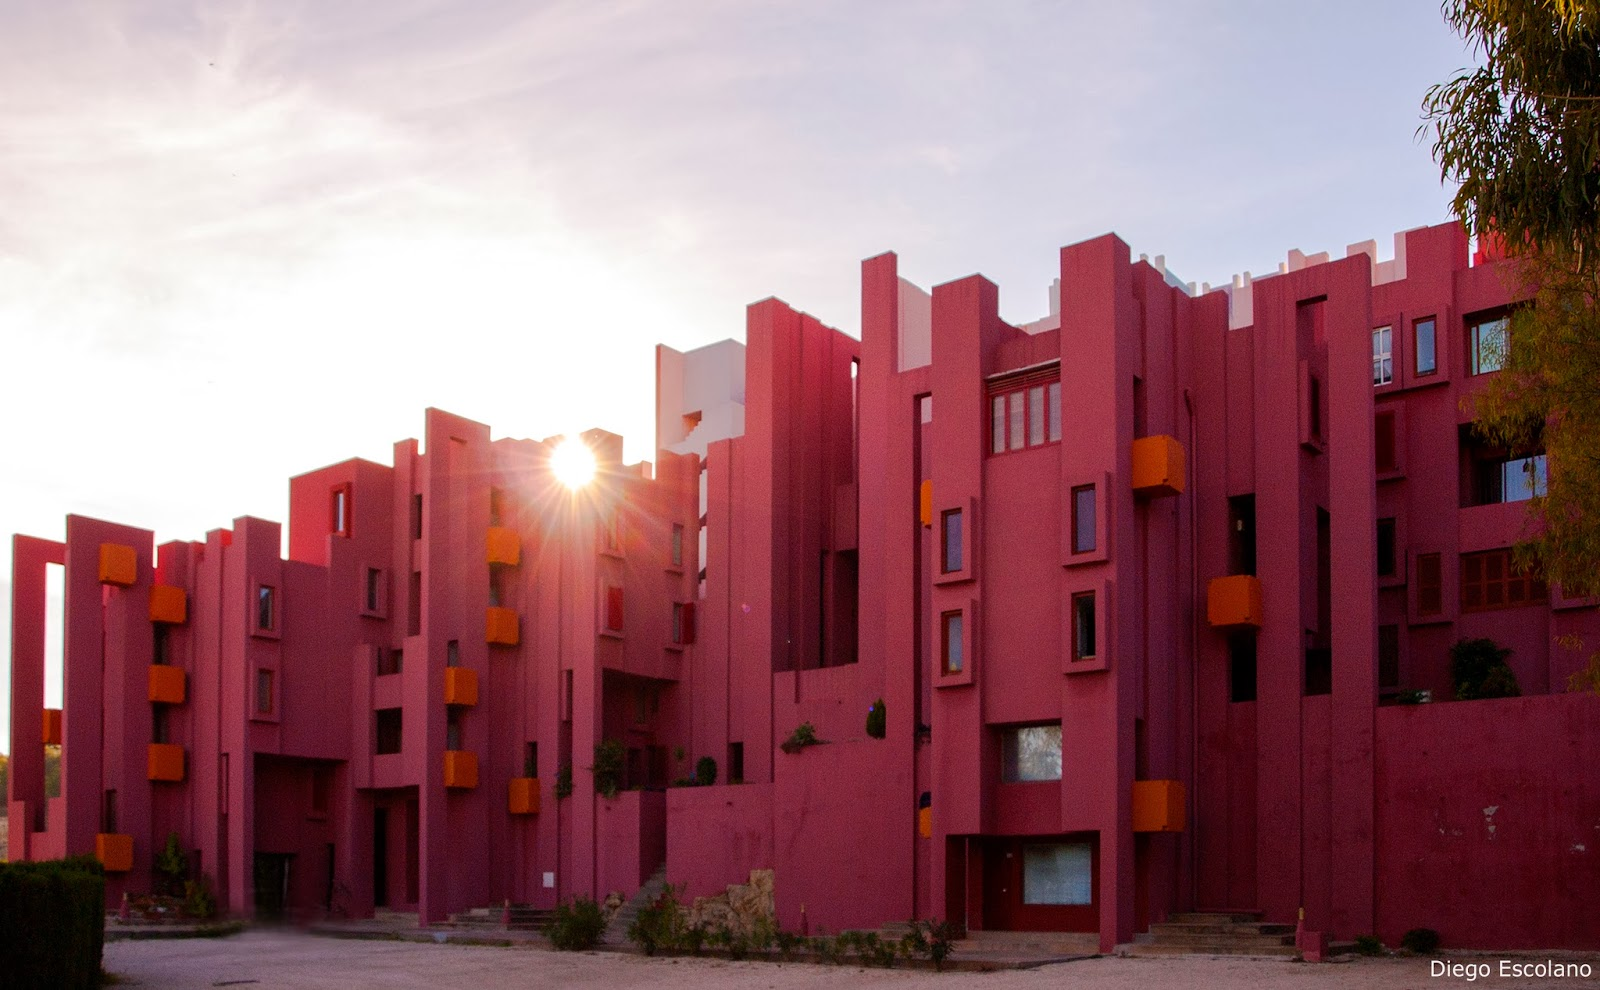 Bofill en Calpe visto por dos nefitos Segunda Parte La Muralla Roja fachadas  Alicante Vivo